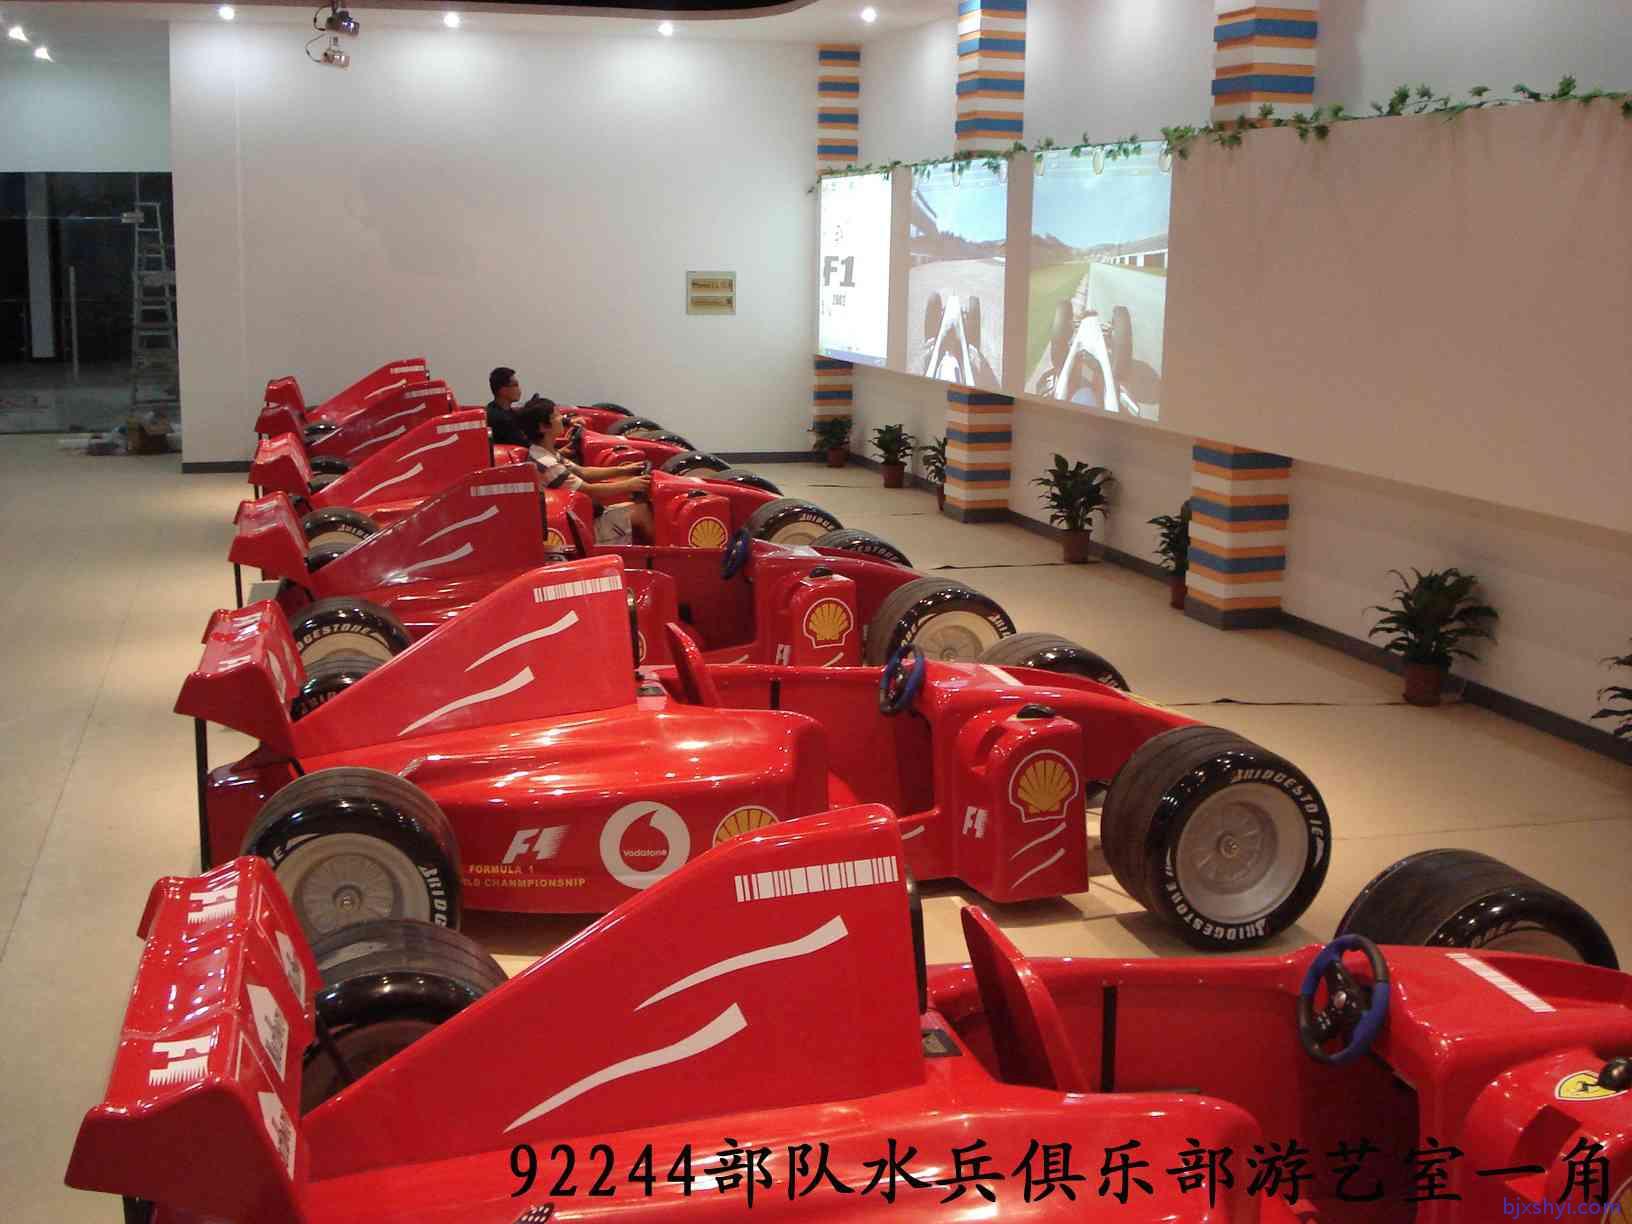 模拟F1赛车驾驶,室内模拟驾驶训练,娱乐驾驶